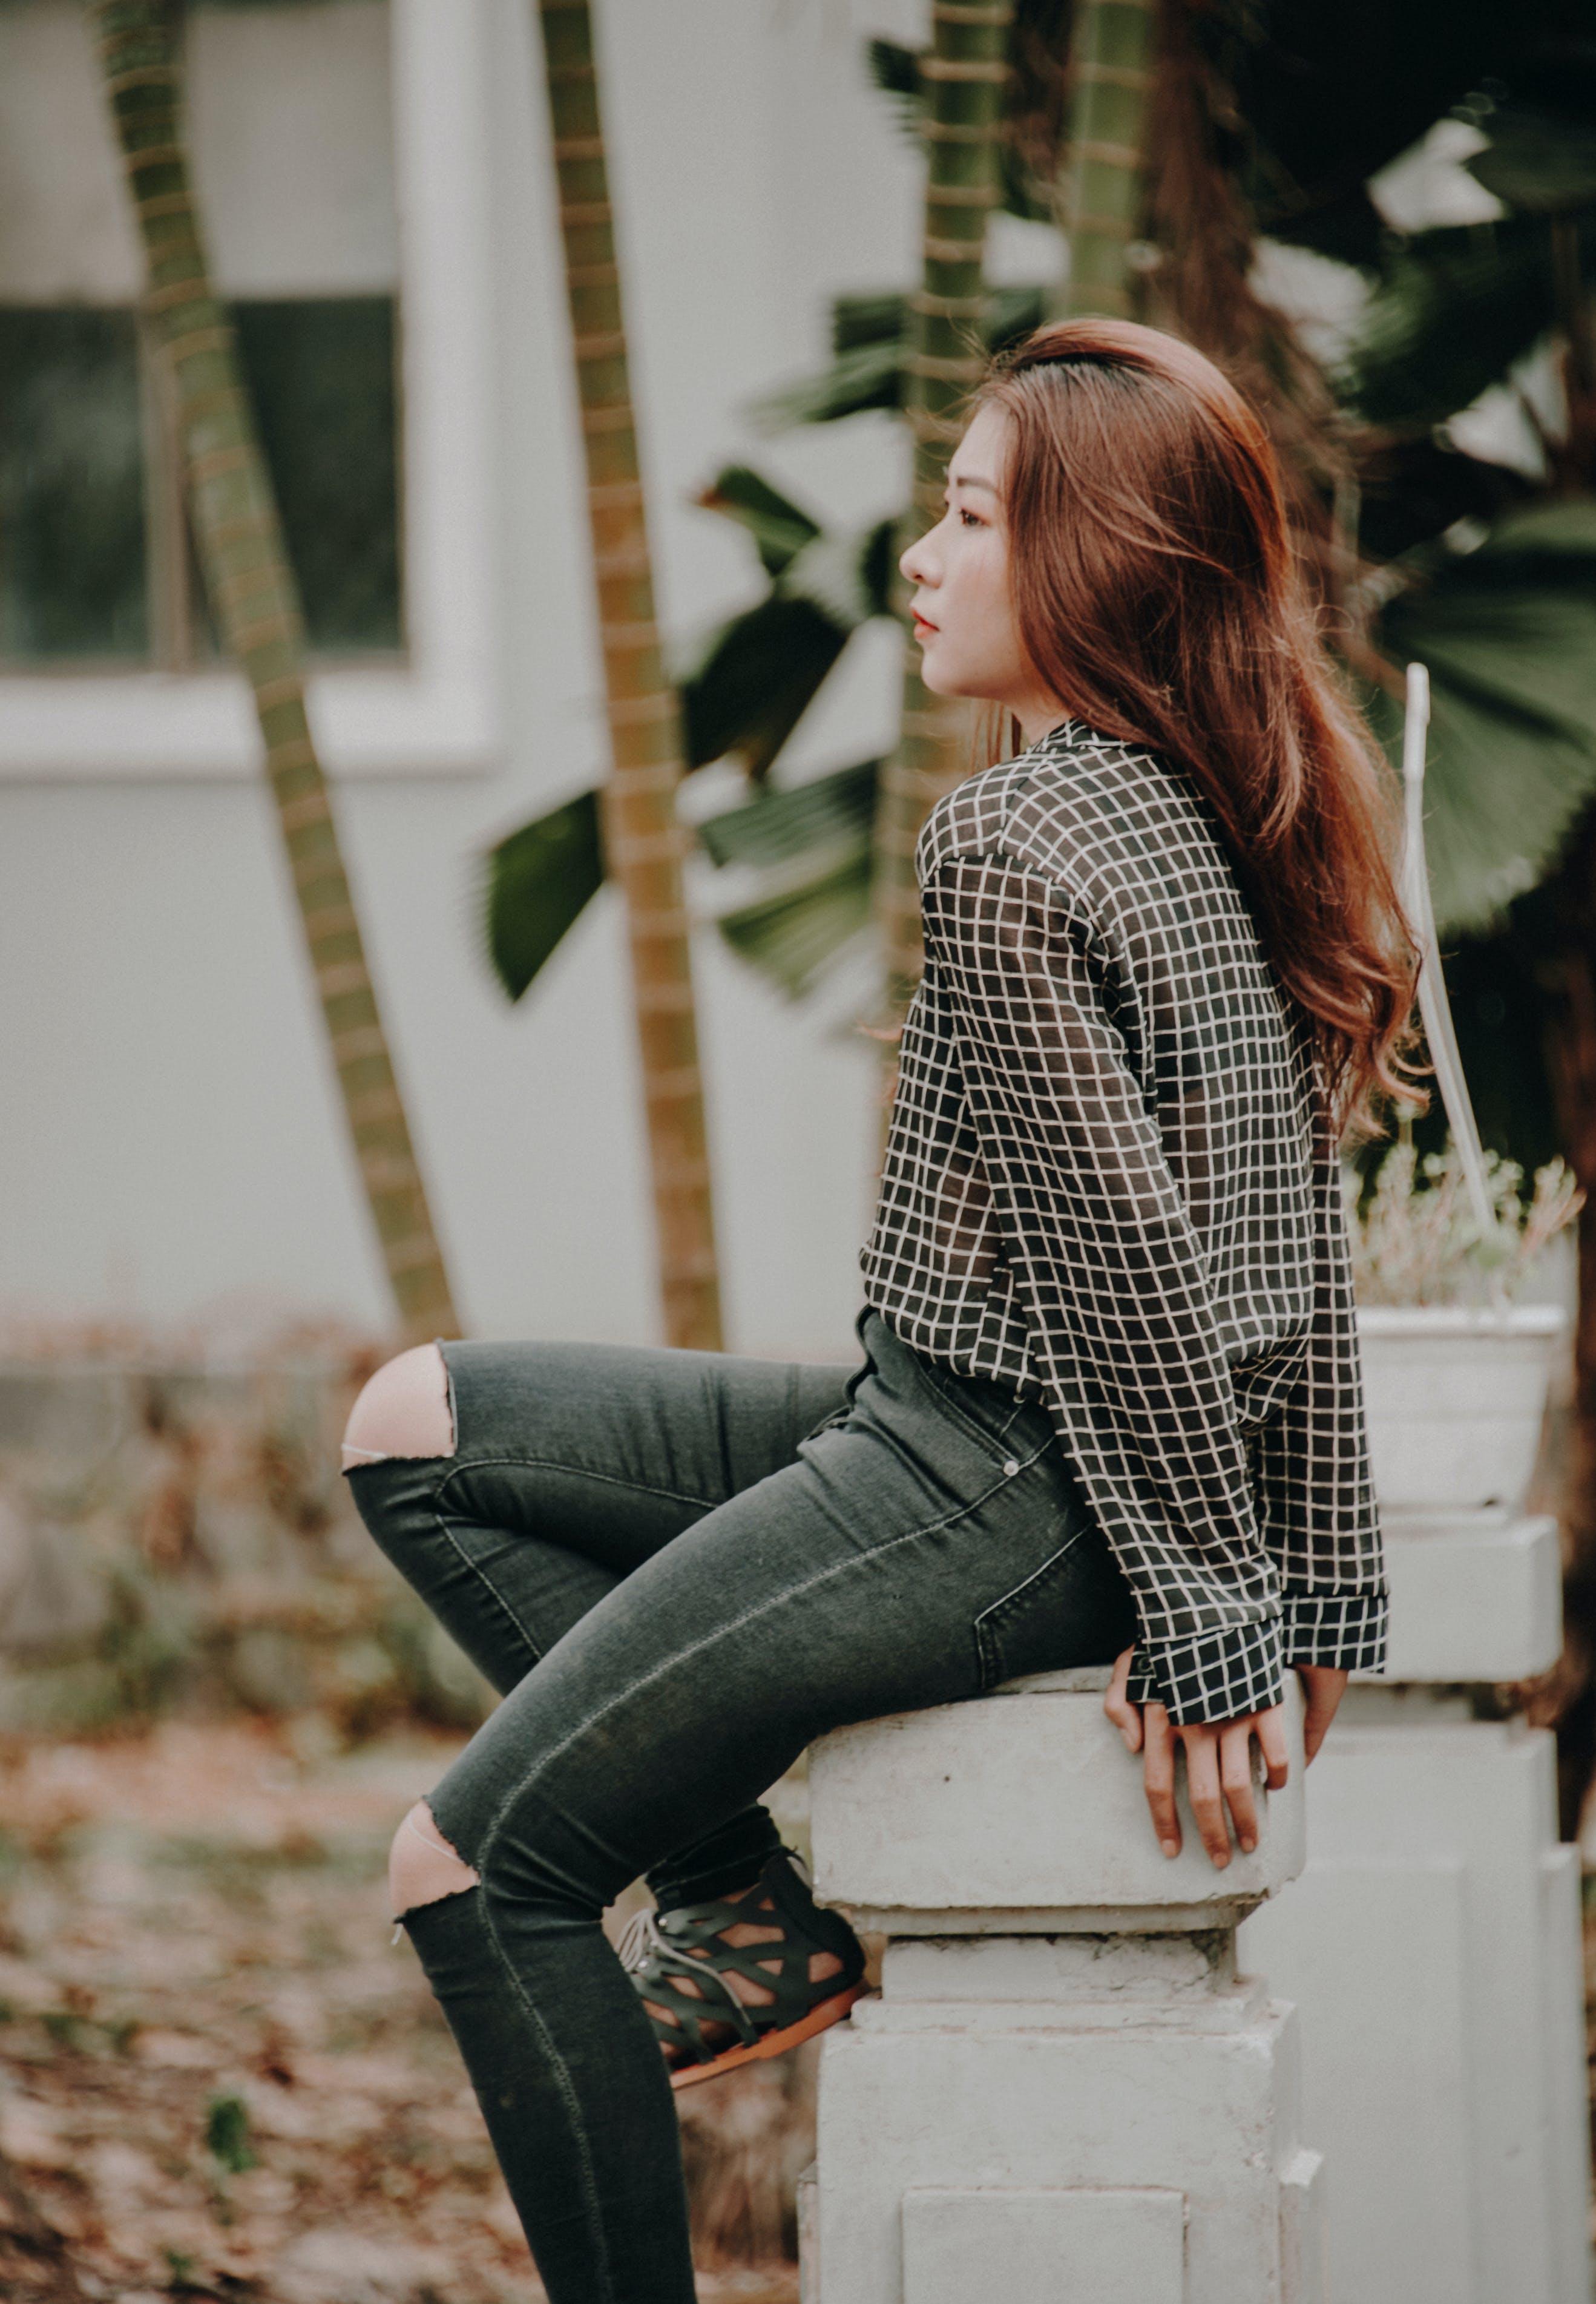 Woman Wearing Black and White Grid Chiffon Dress Shirt